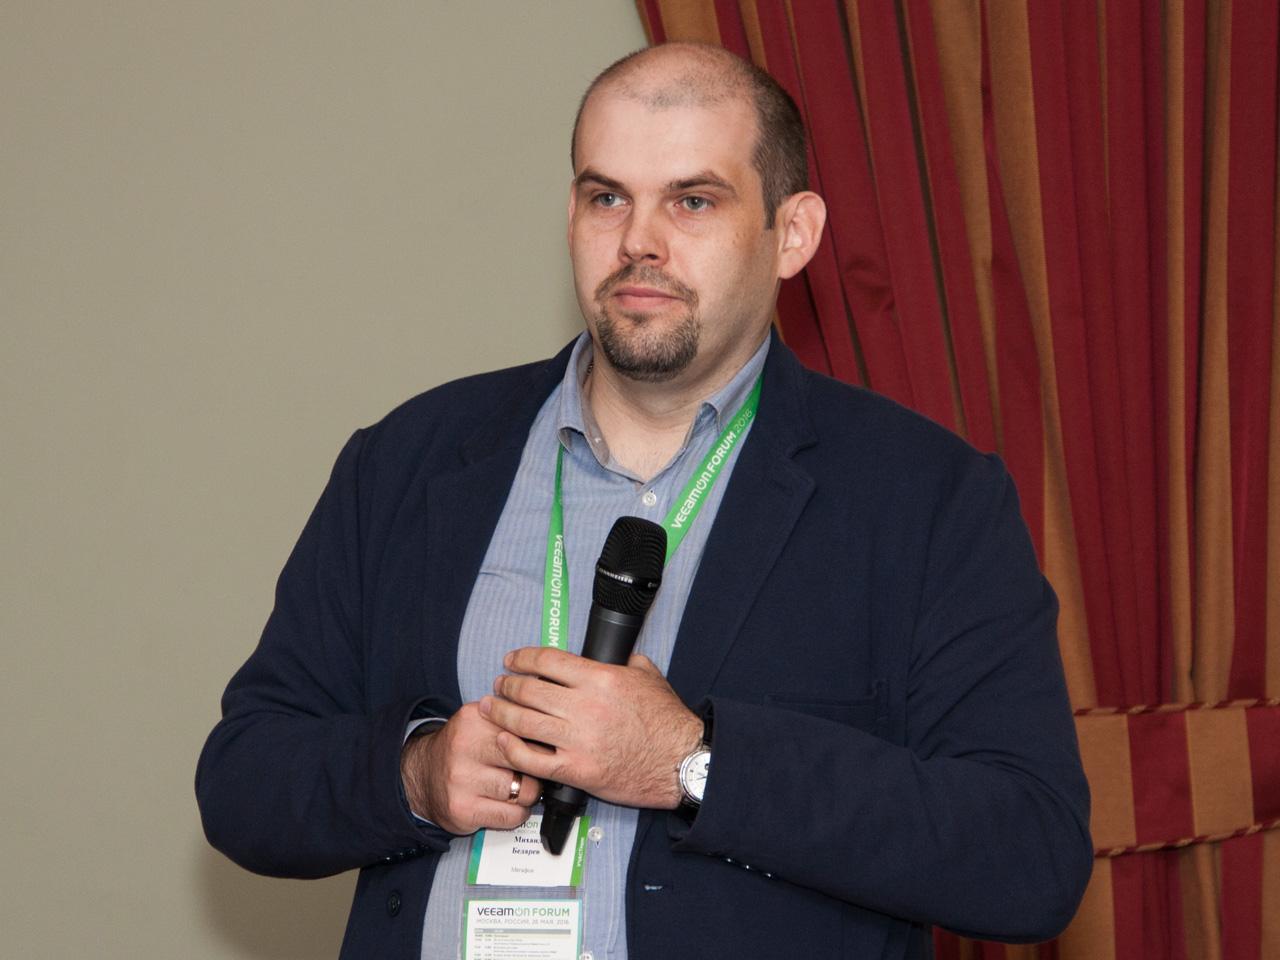 Специалист по развитию виртуализации и аппаратных платформ компании «МегаФон» Михаил Бедарев.